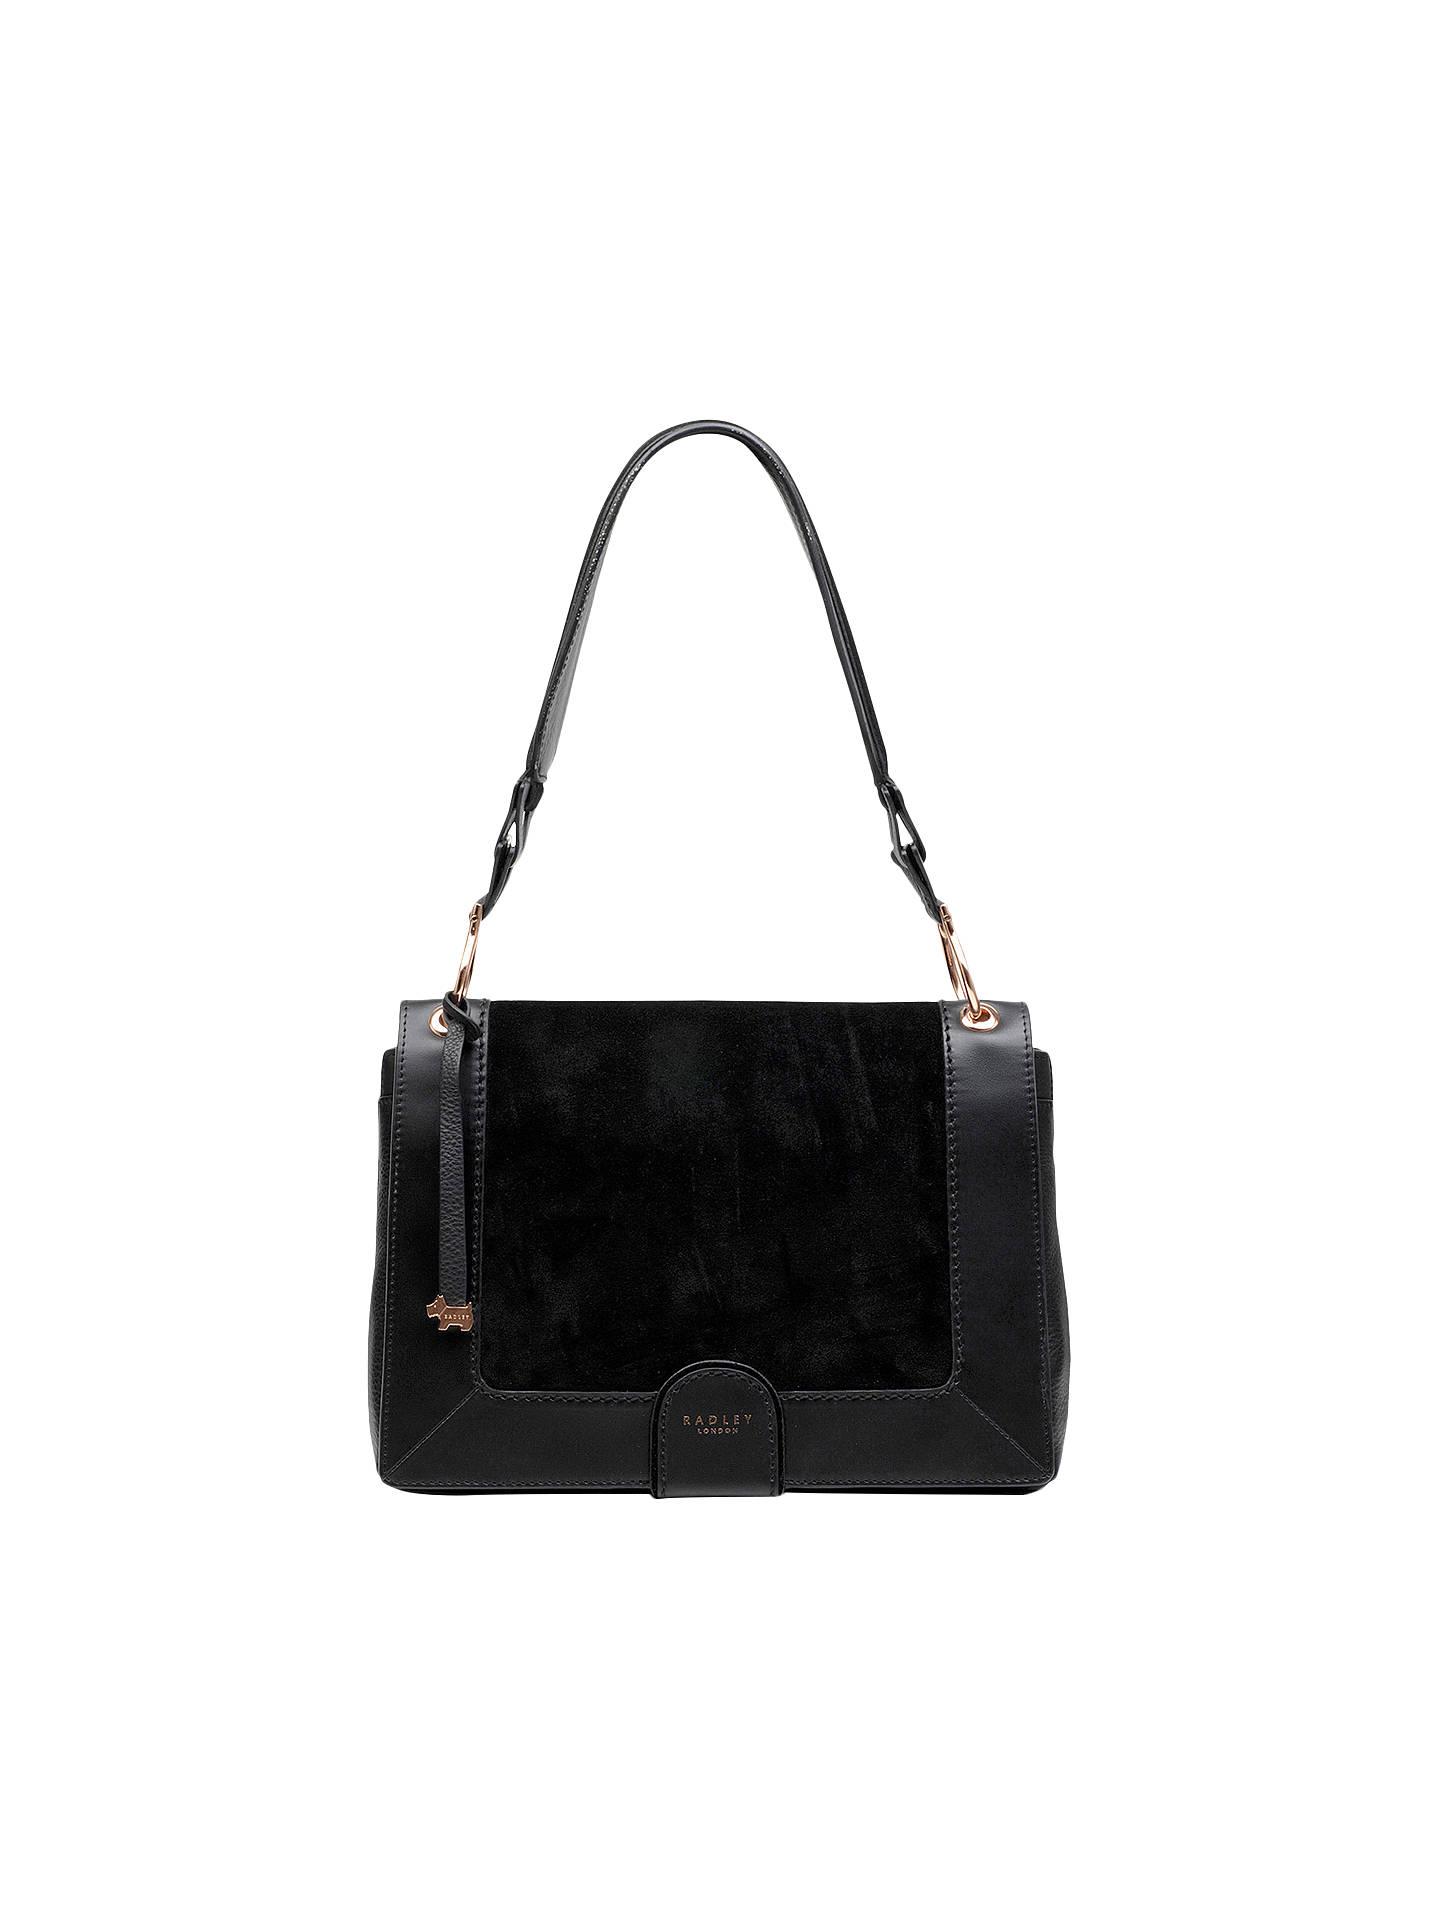 10cb7e2d67 Buy Radley Linton Street Leather Shoulder Bag